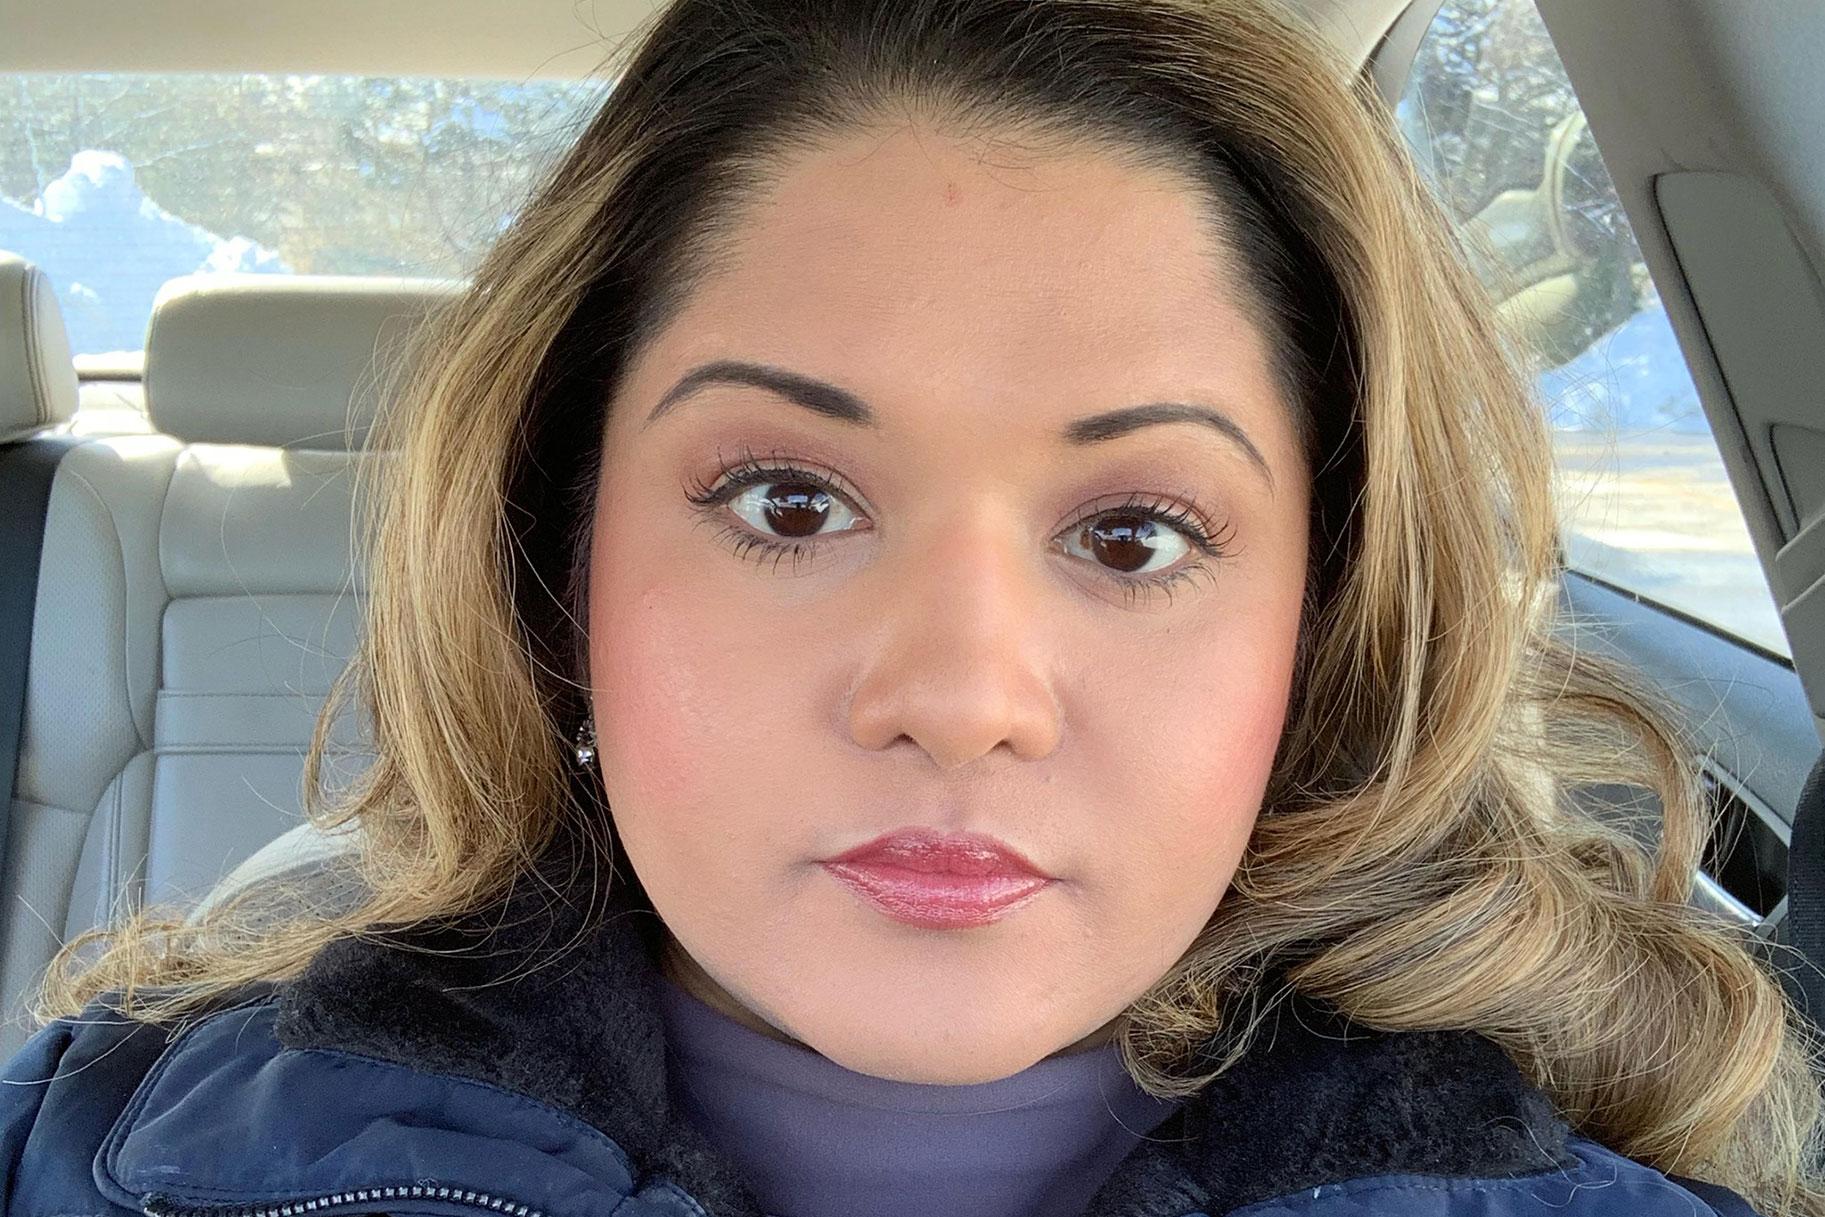 אישה מאילינוי דיווחה על היעדרות ביום השנה האזרחית החדשה מתה בתא המטען של מכוניתה